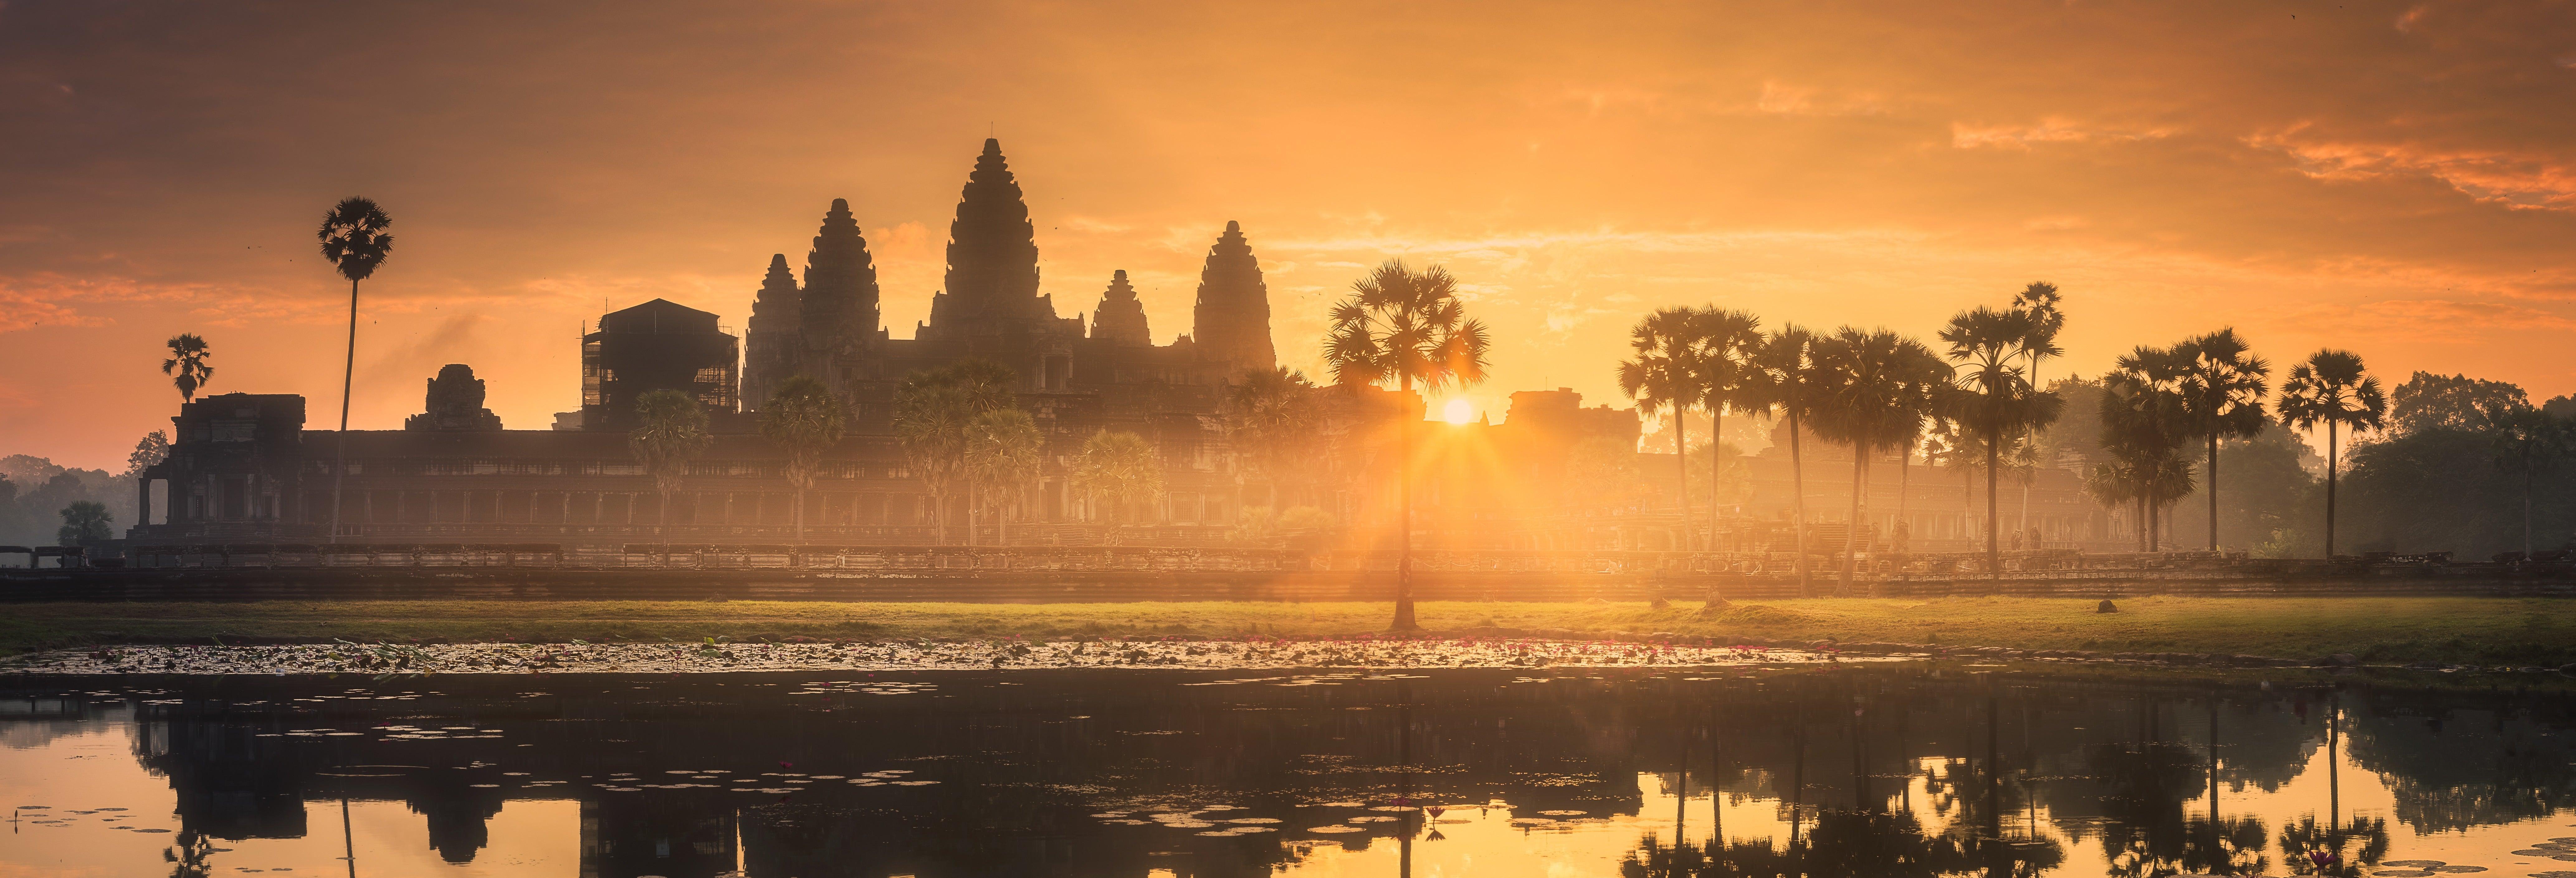 Templi di Angkor all'alba o al tramonto